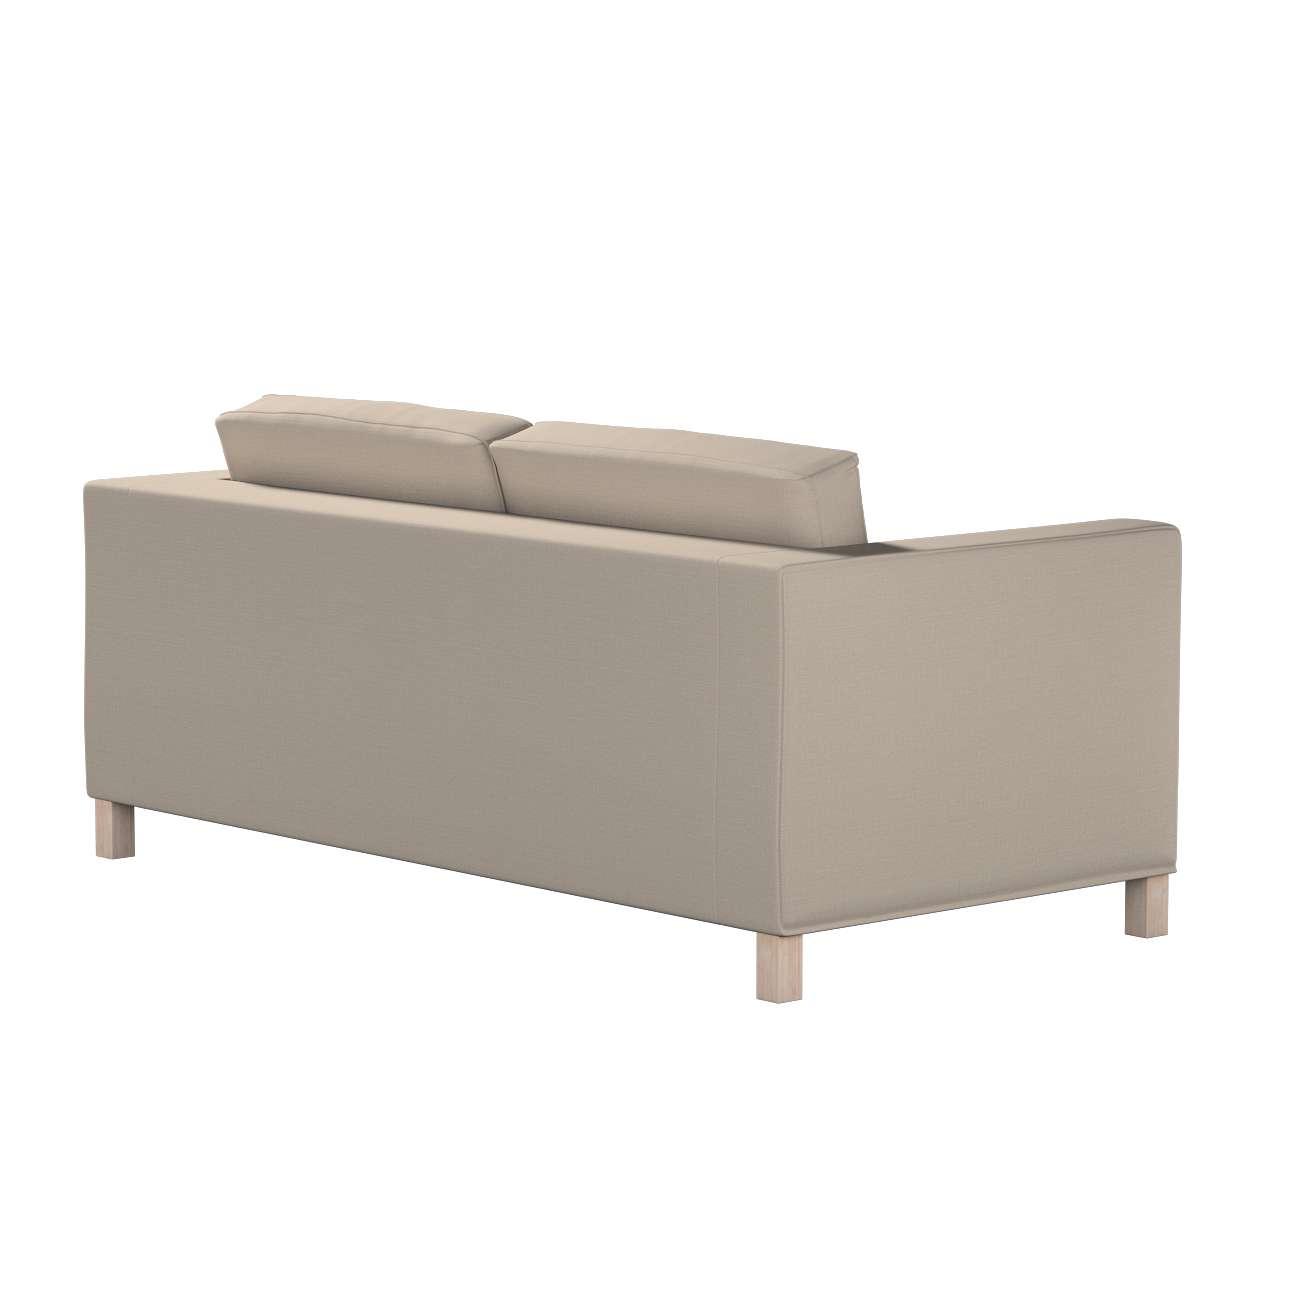 Potah na pohovku IKEA  Karlanda rozkládací, krátký v kolekci Living, látka: 161-53